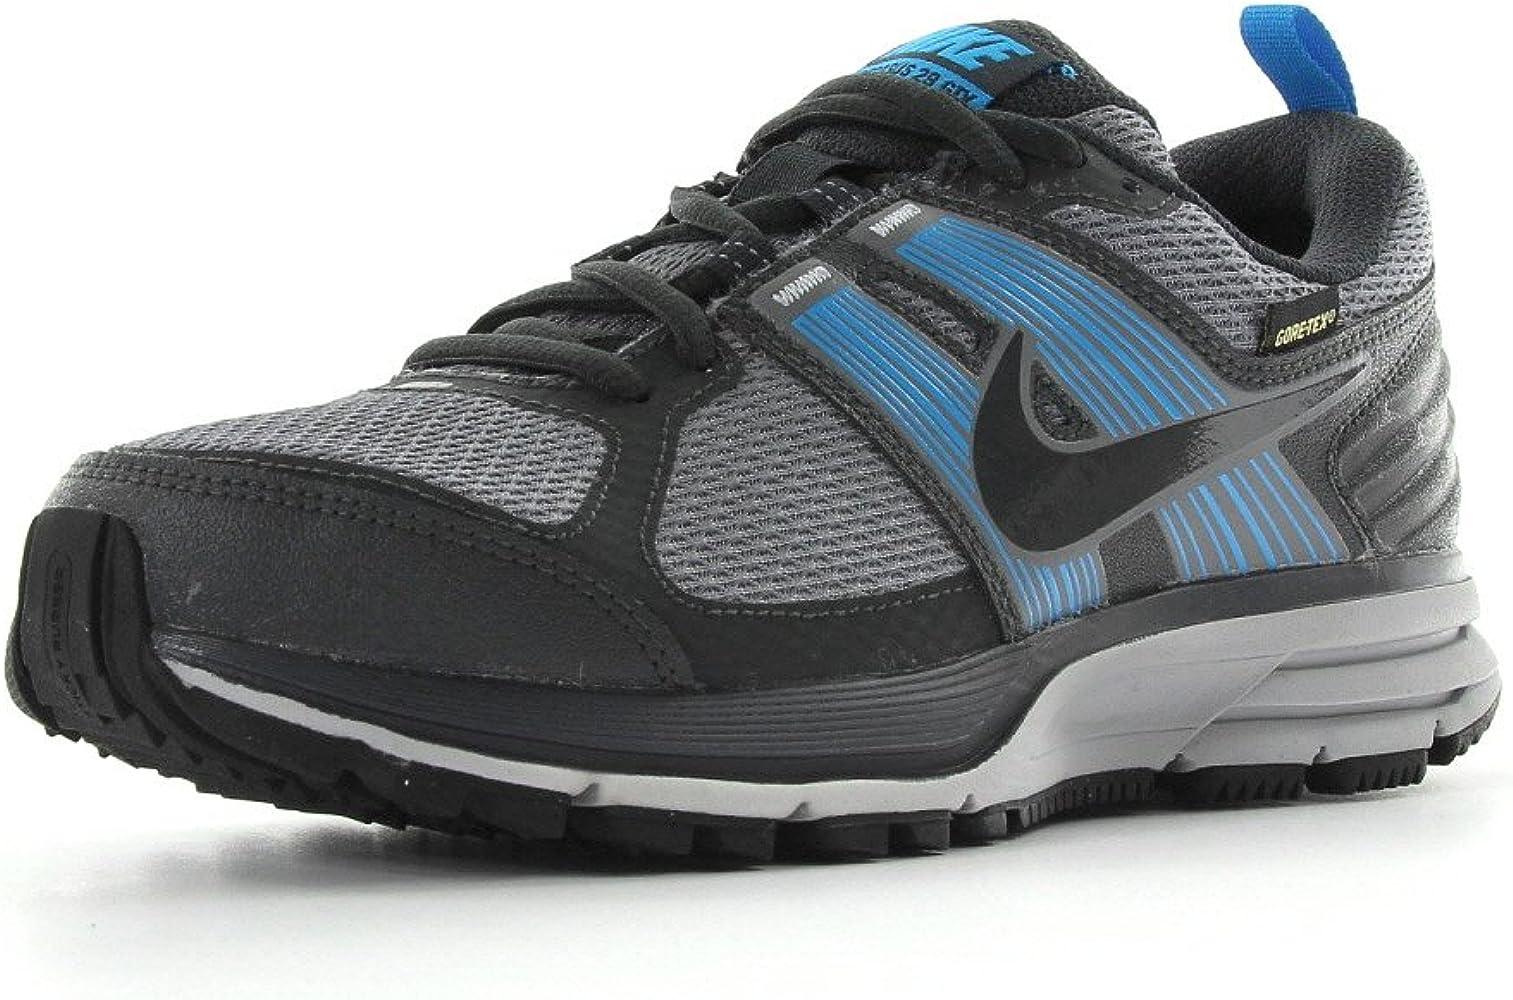 NIKE Nike air pegasus+ 29 gtx zapatillas running mujer: NIKE ...